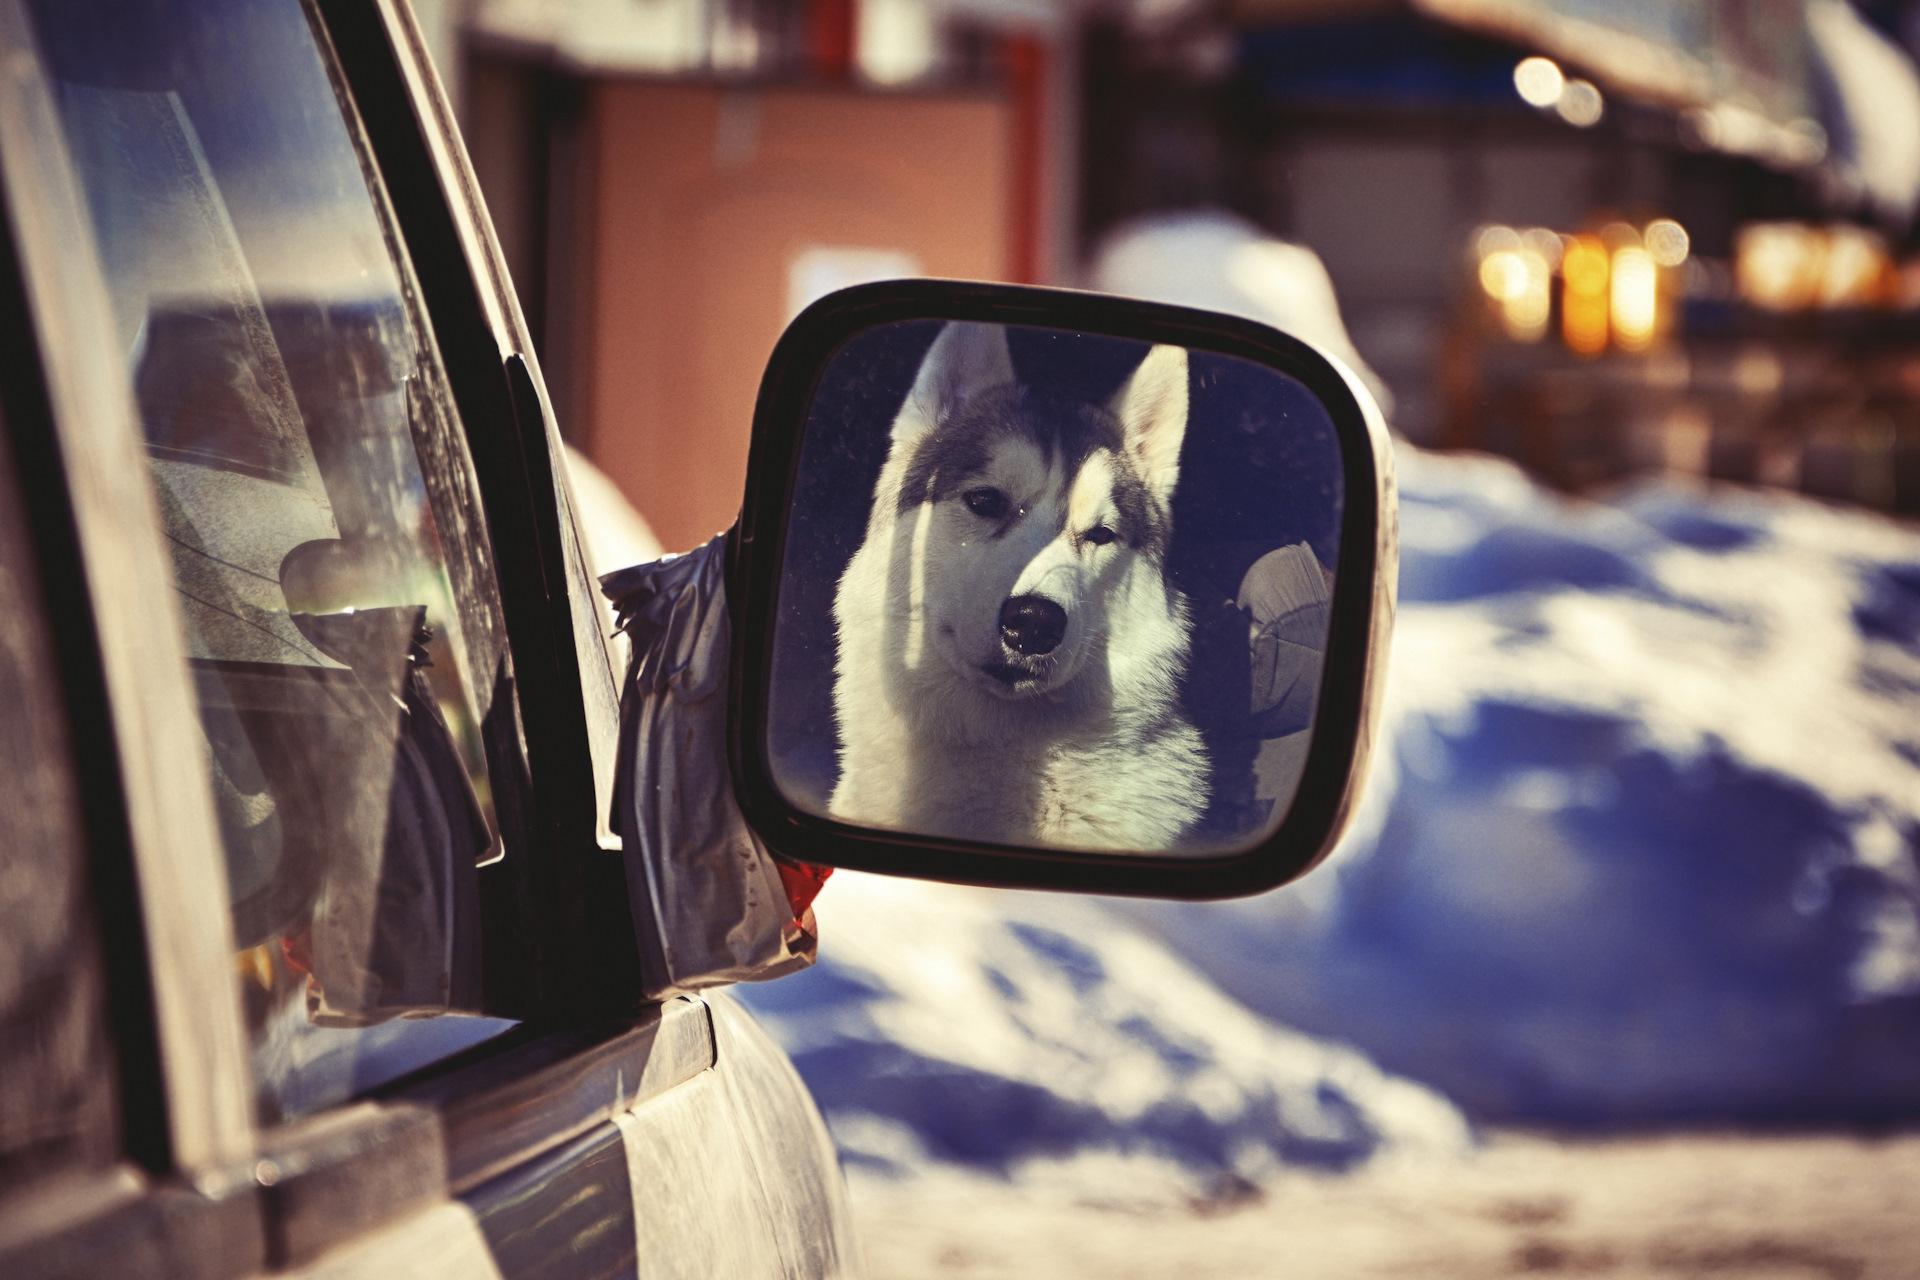 картинка водитель всегда смотри по зеркалам выбрать фотографа или